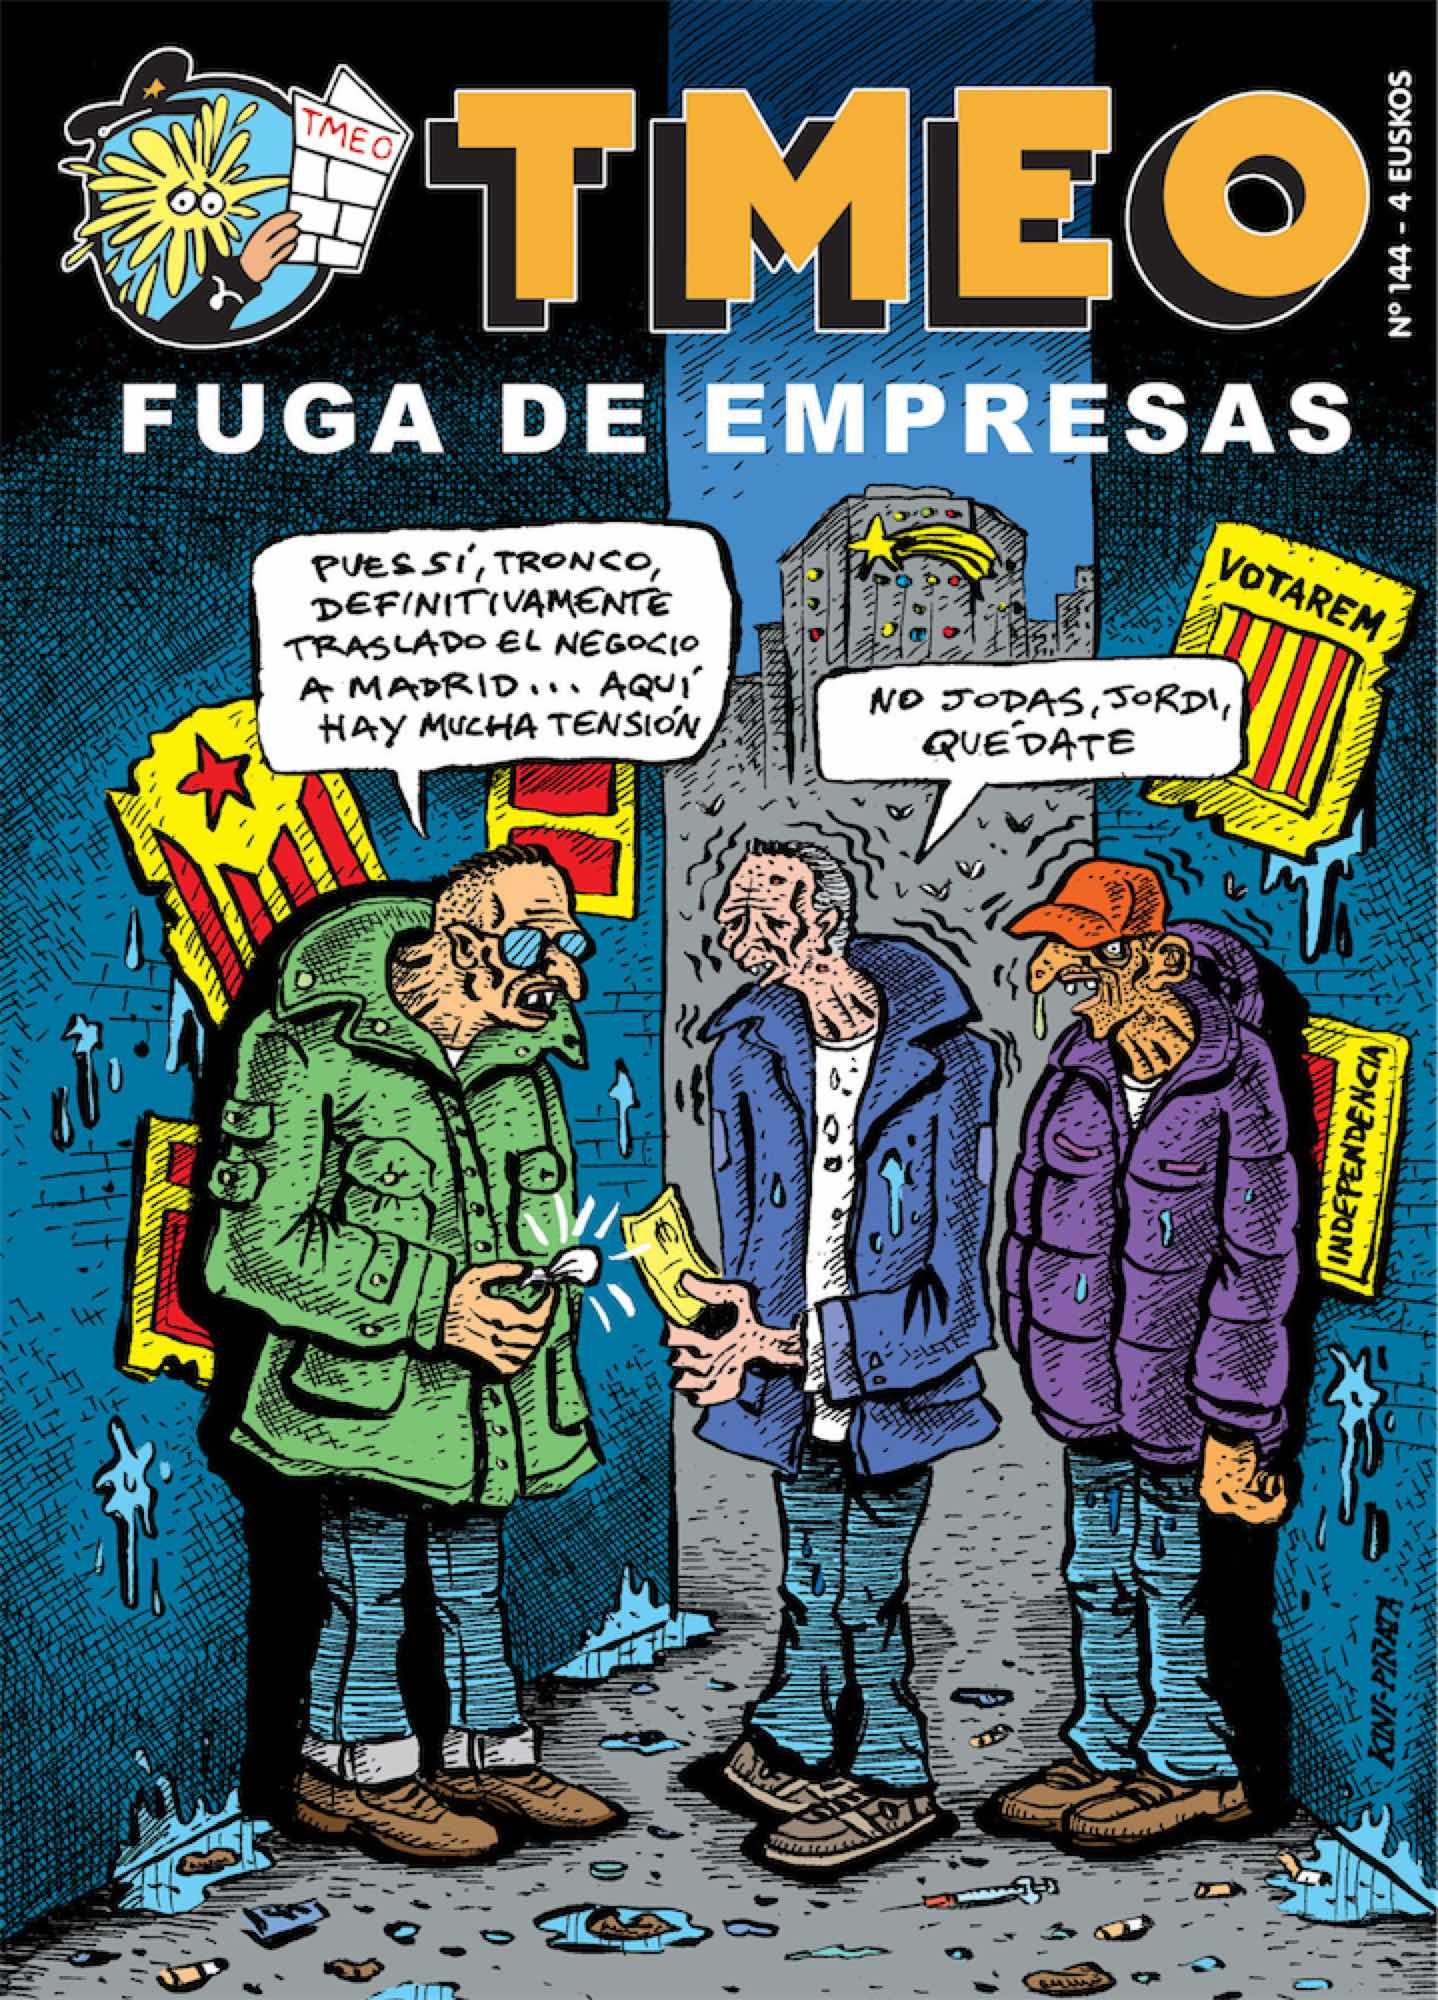 TMEO 144. FUGA DE EMPRESAS